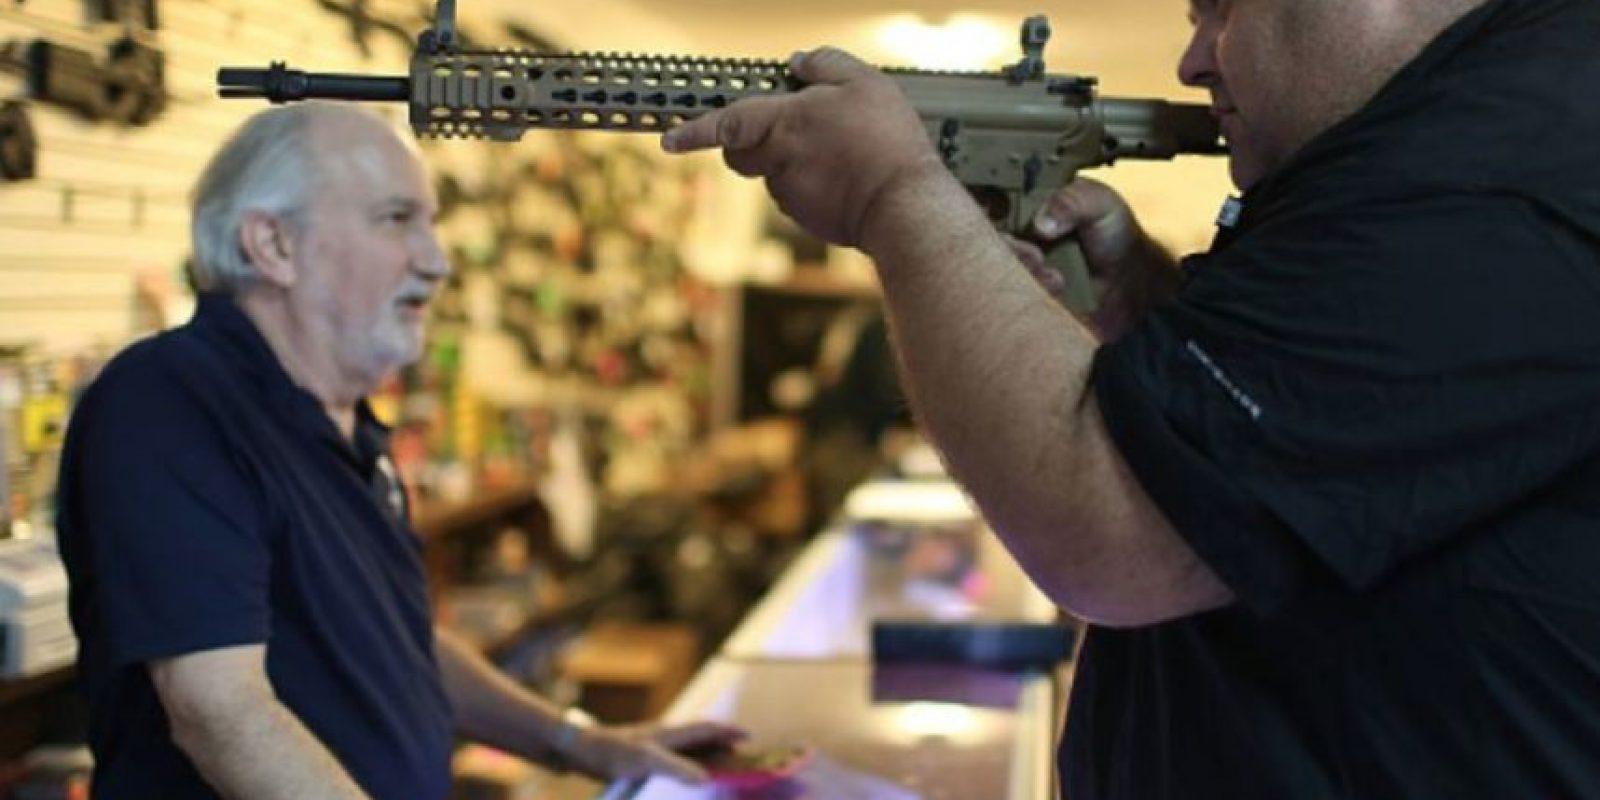 Entre 2000 y 2007 hubo 6.4 tiroteos masivos cada año, en promedio. Foto:Getty Images